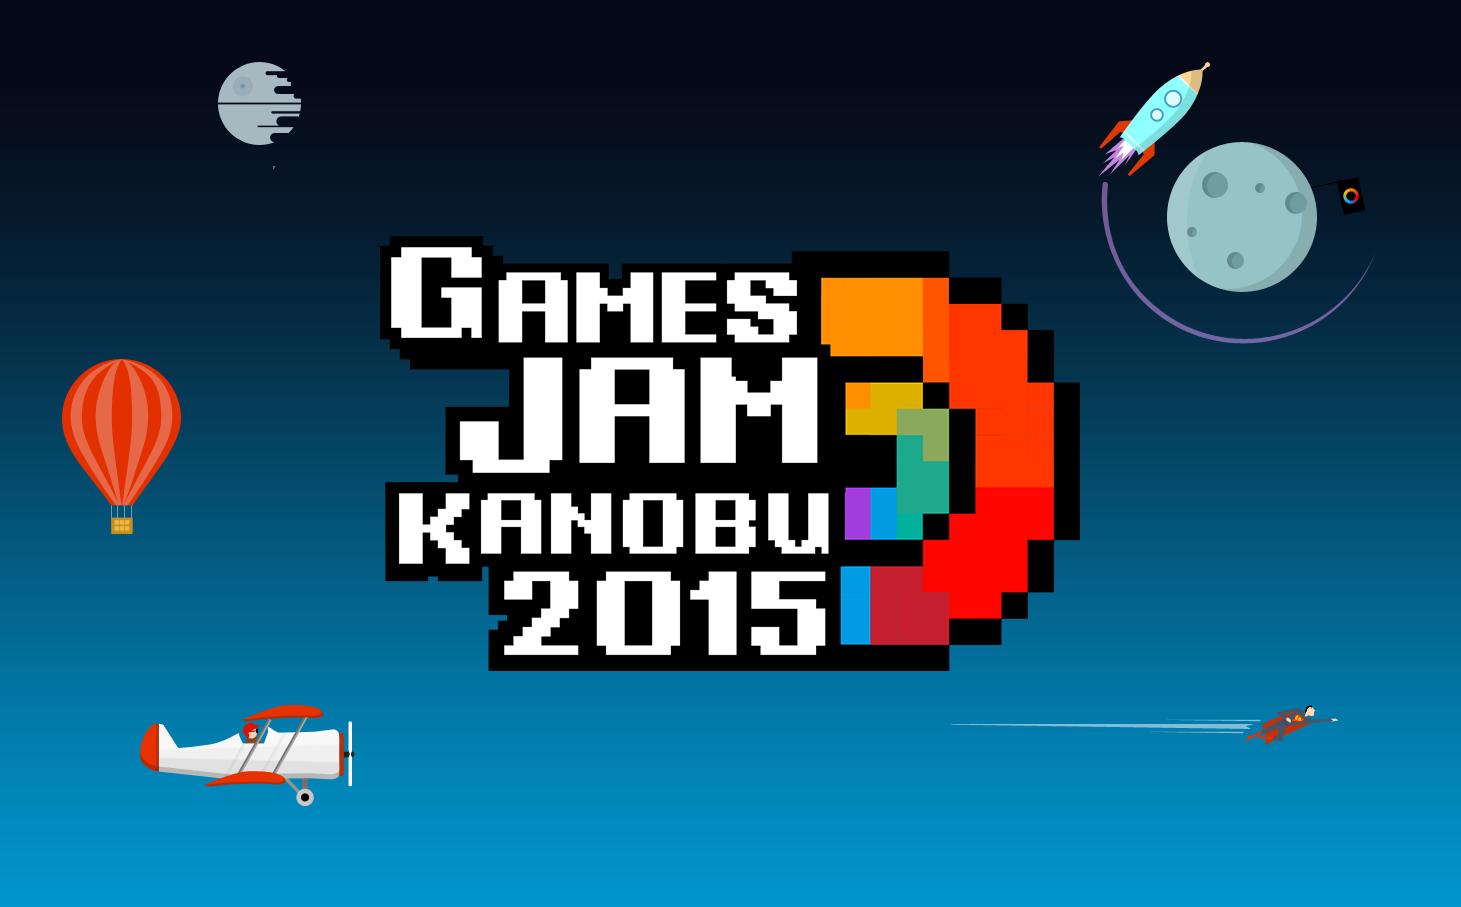 Канобу запускает GamesJam! - Изображение 1